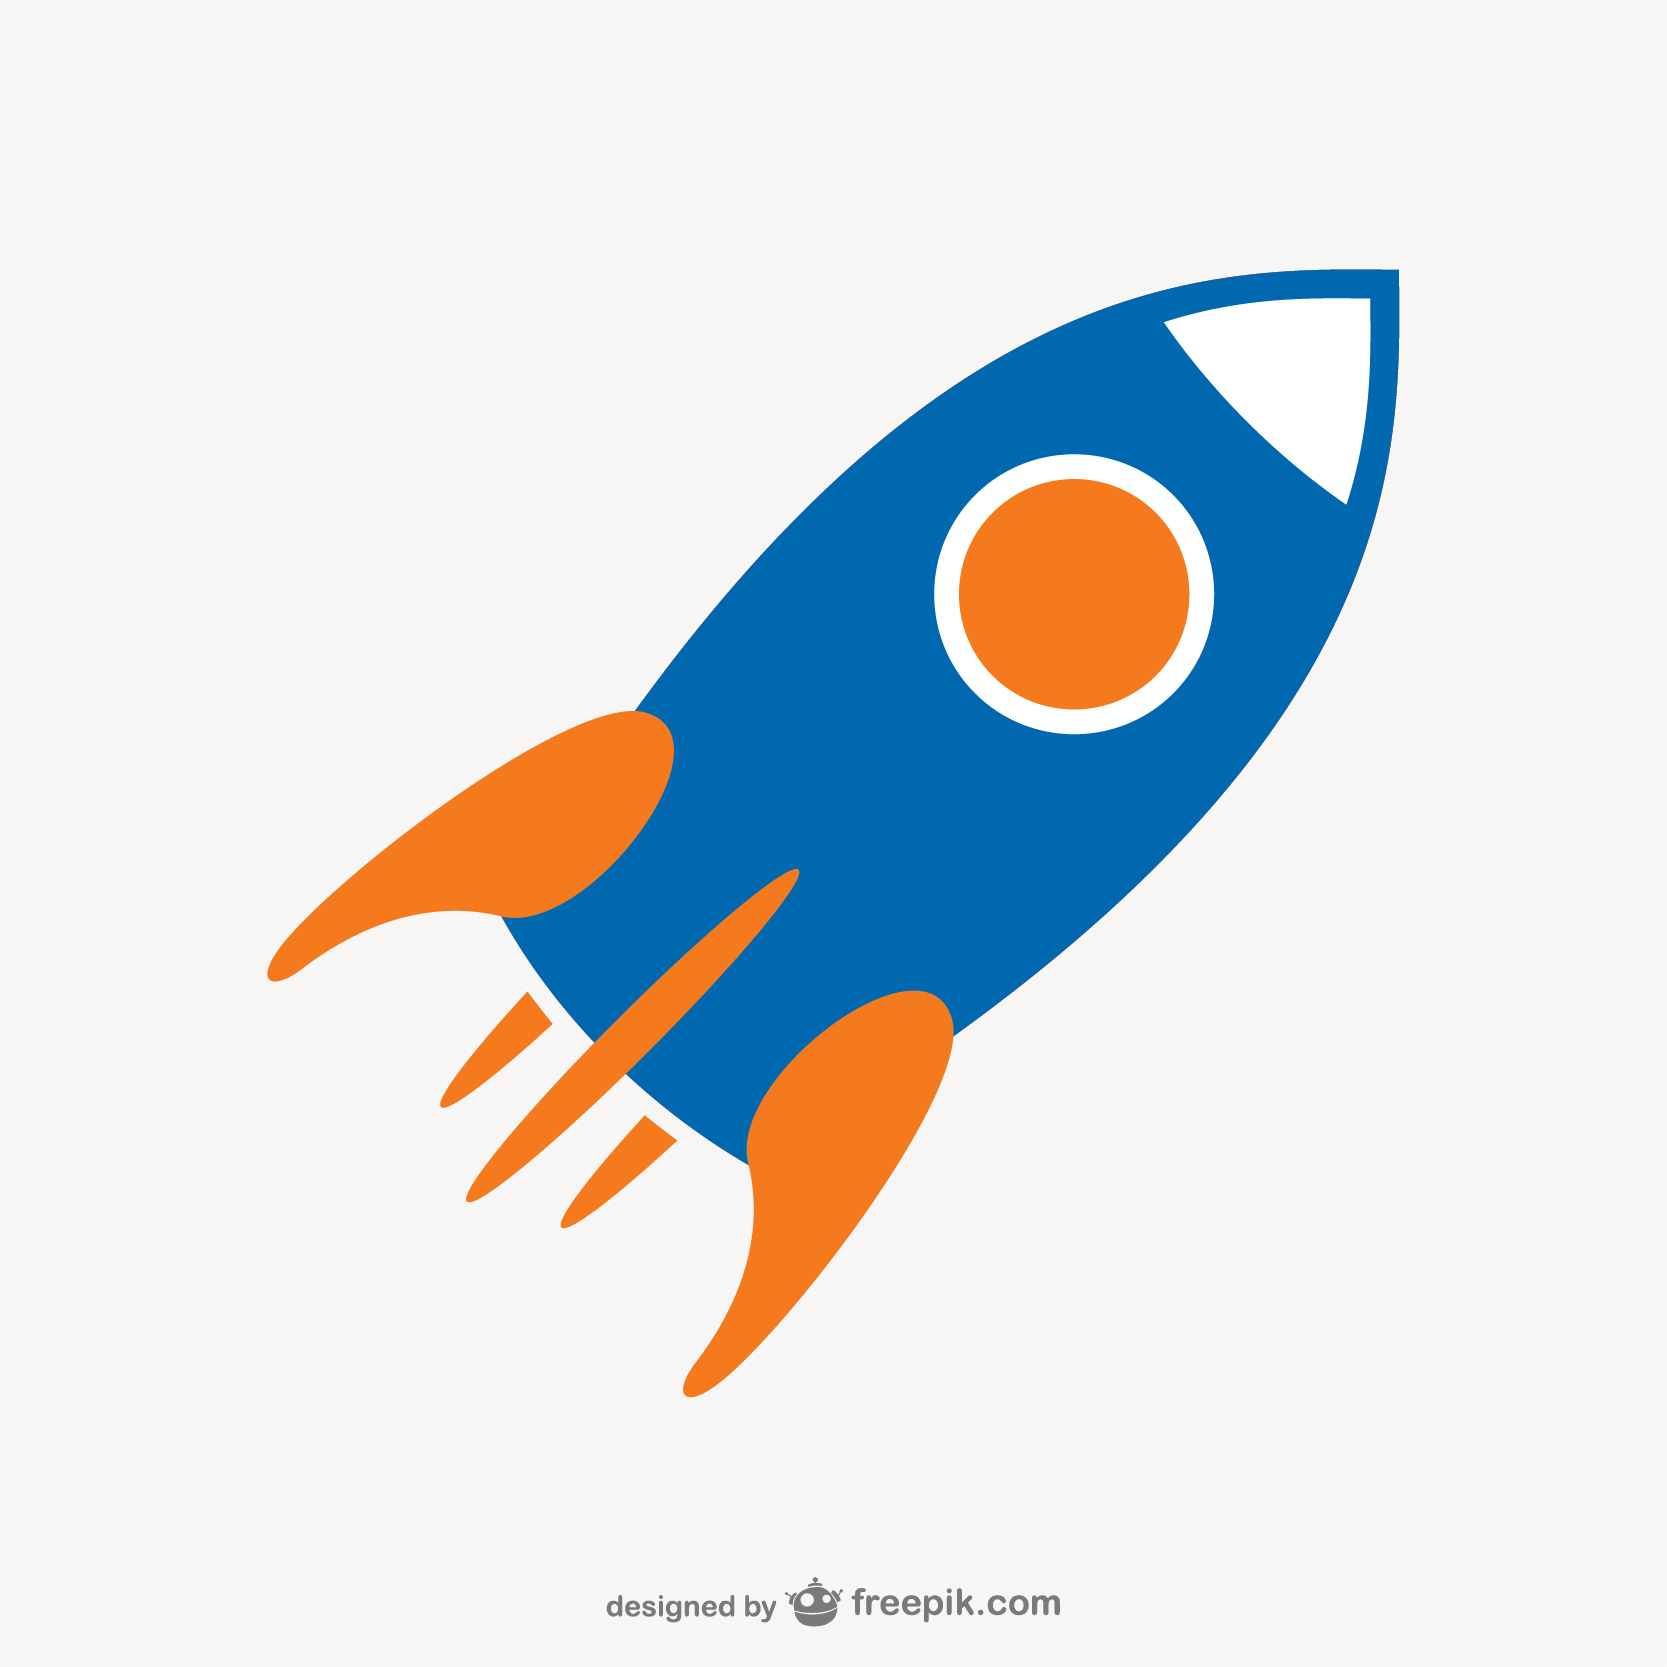 Rocket 150p-01.jpg